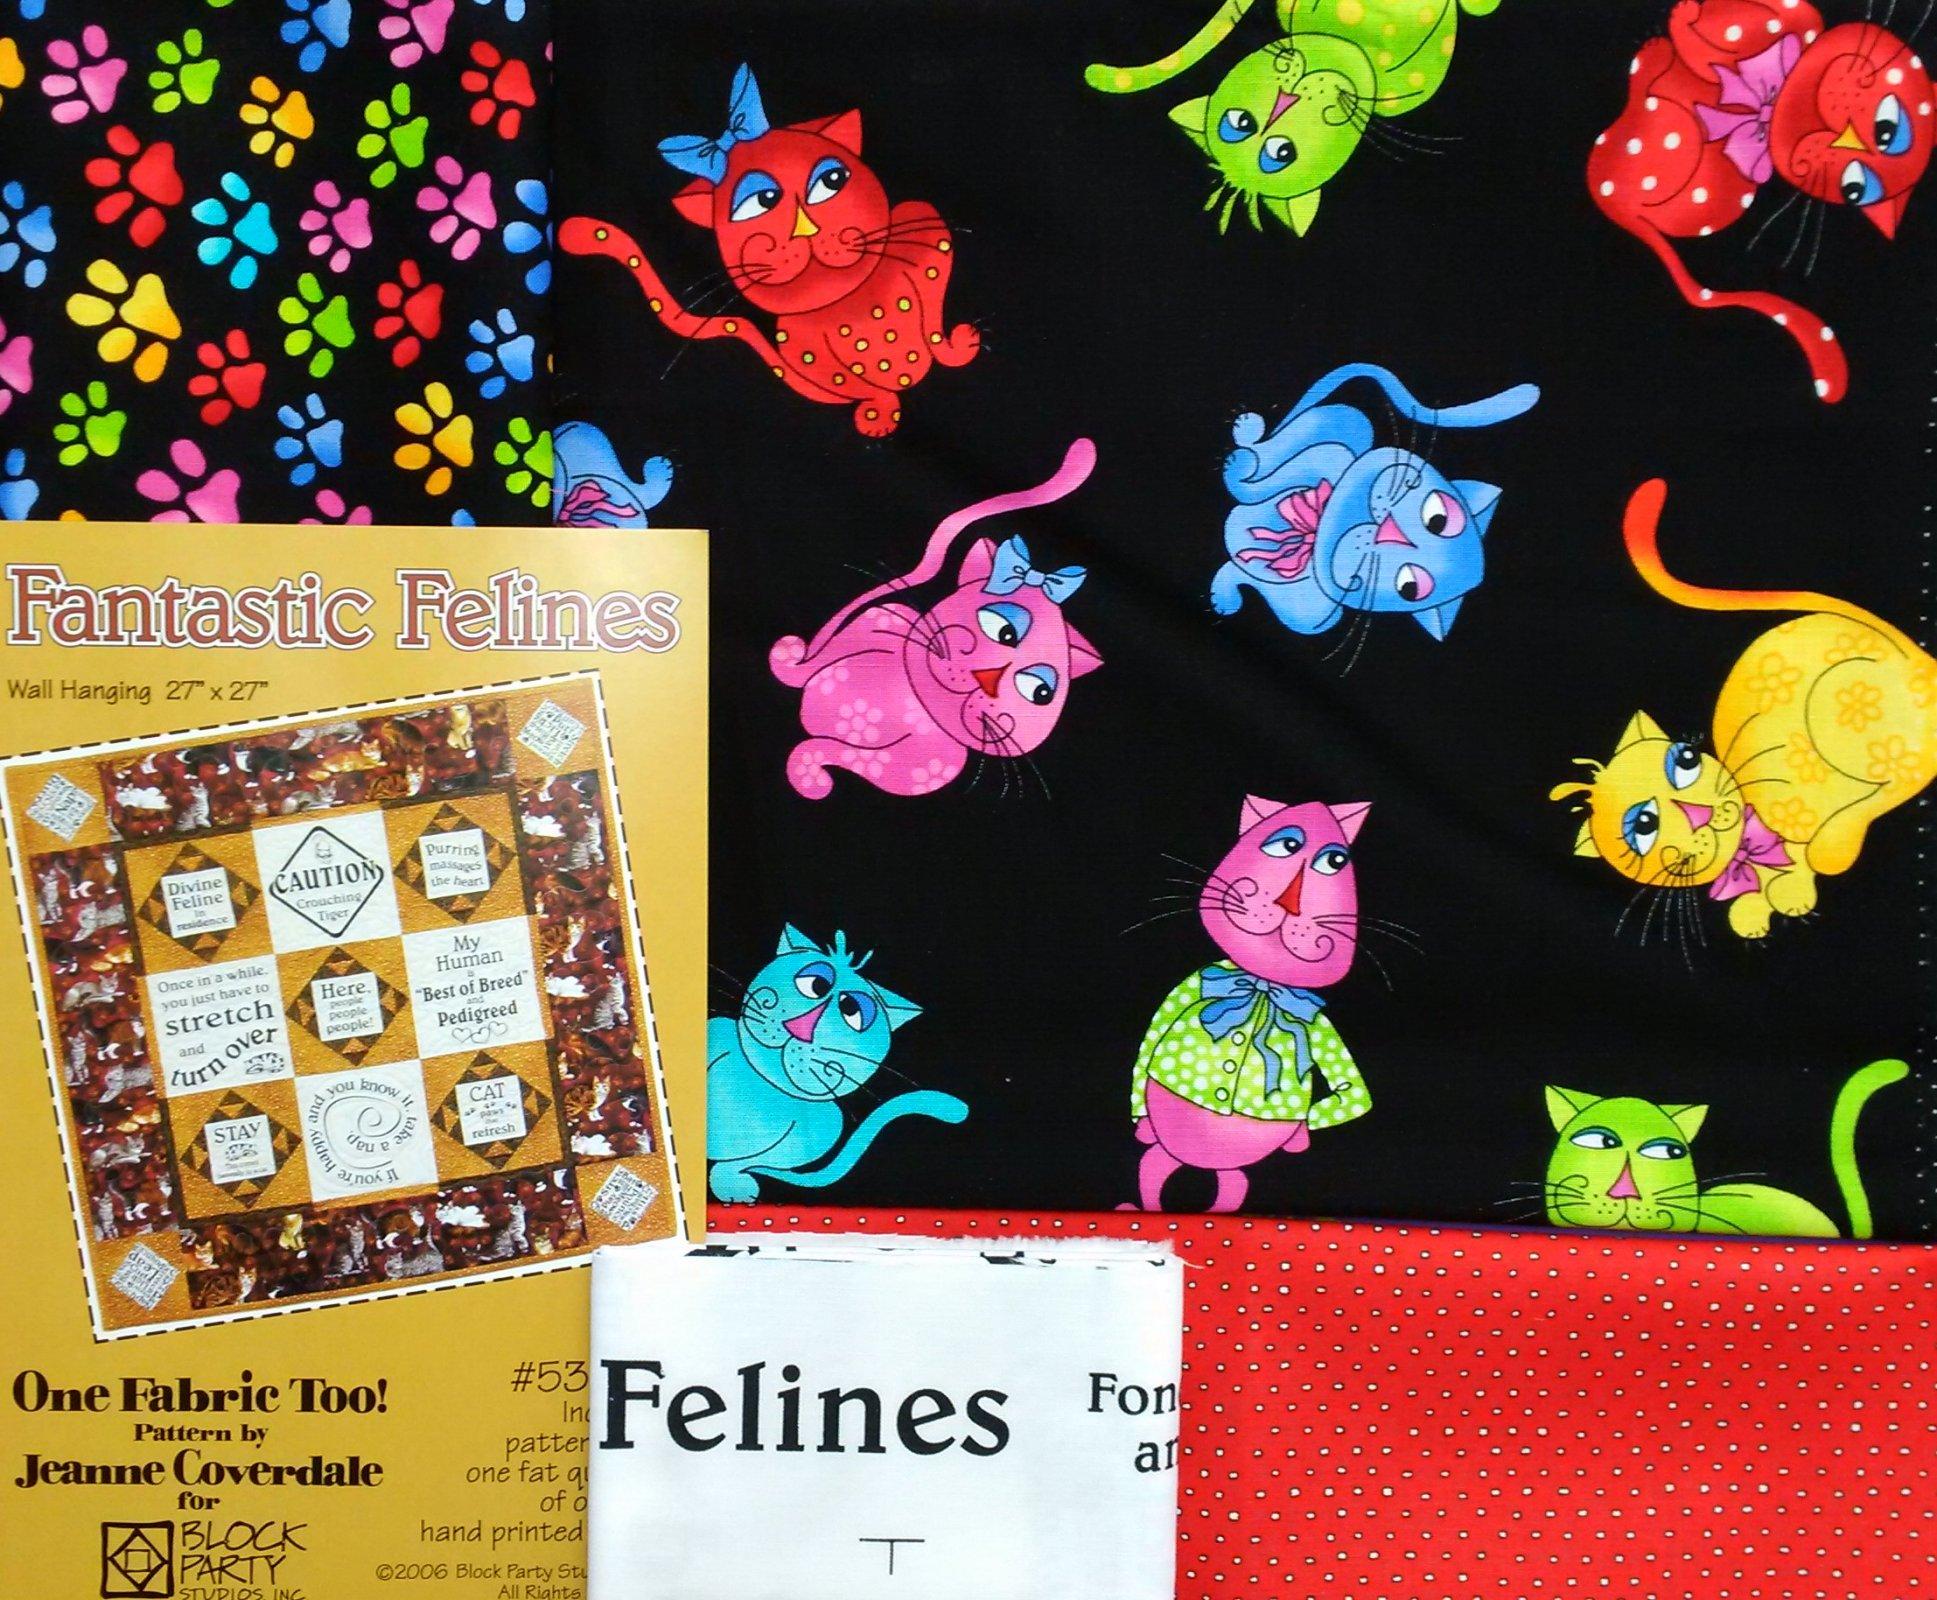 Man Cave Quilt Kit : Fantastic felines quilt fabric kit